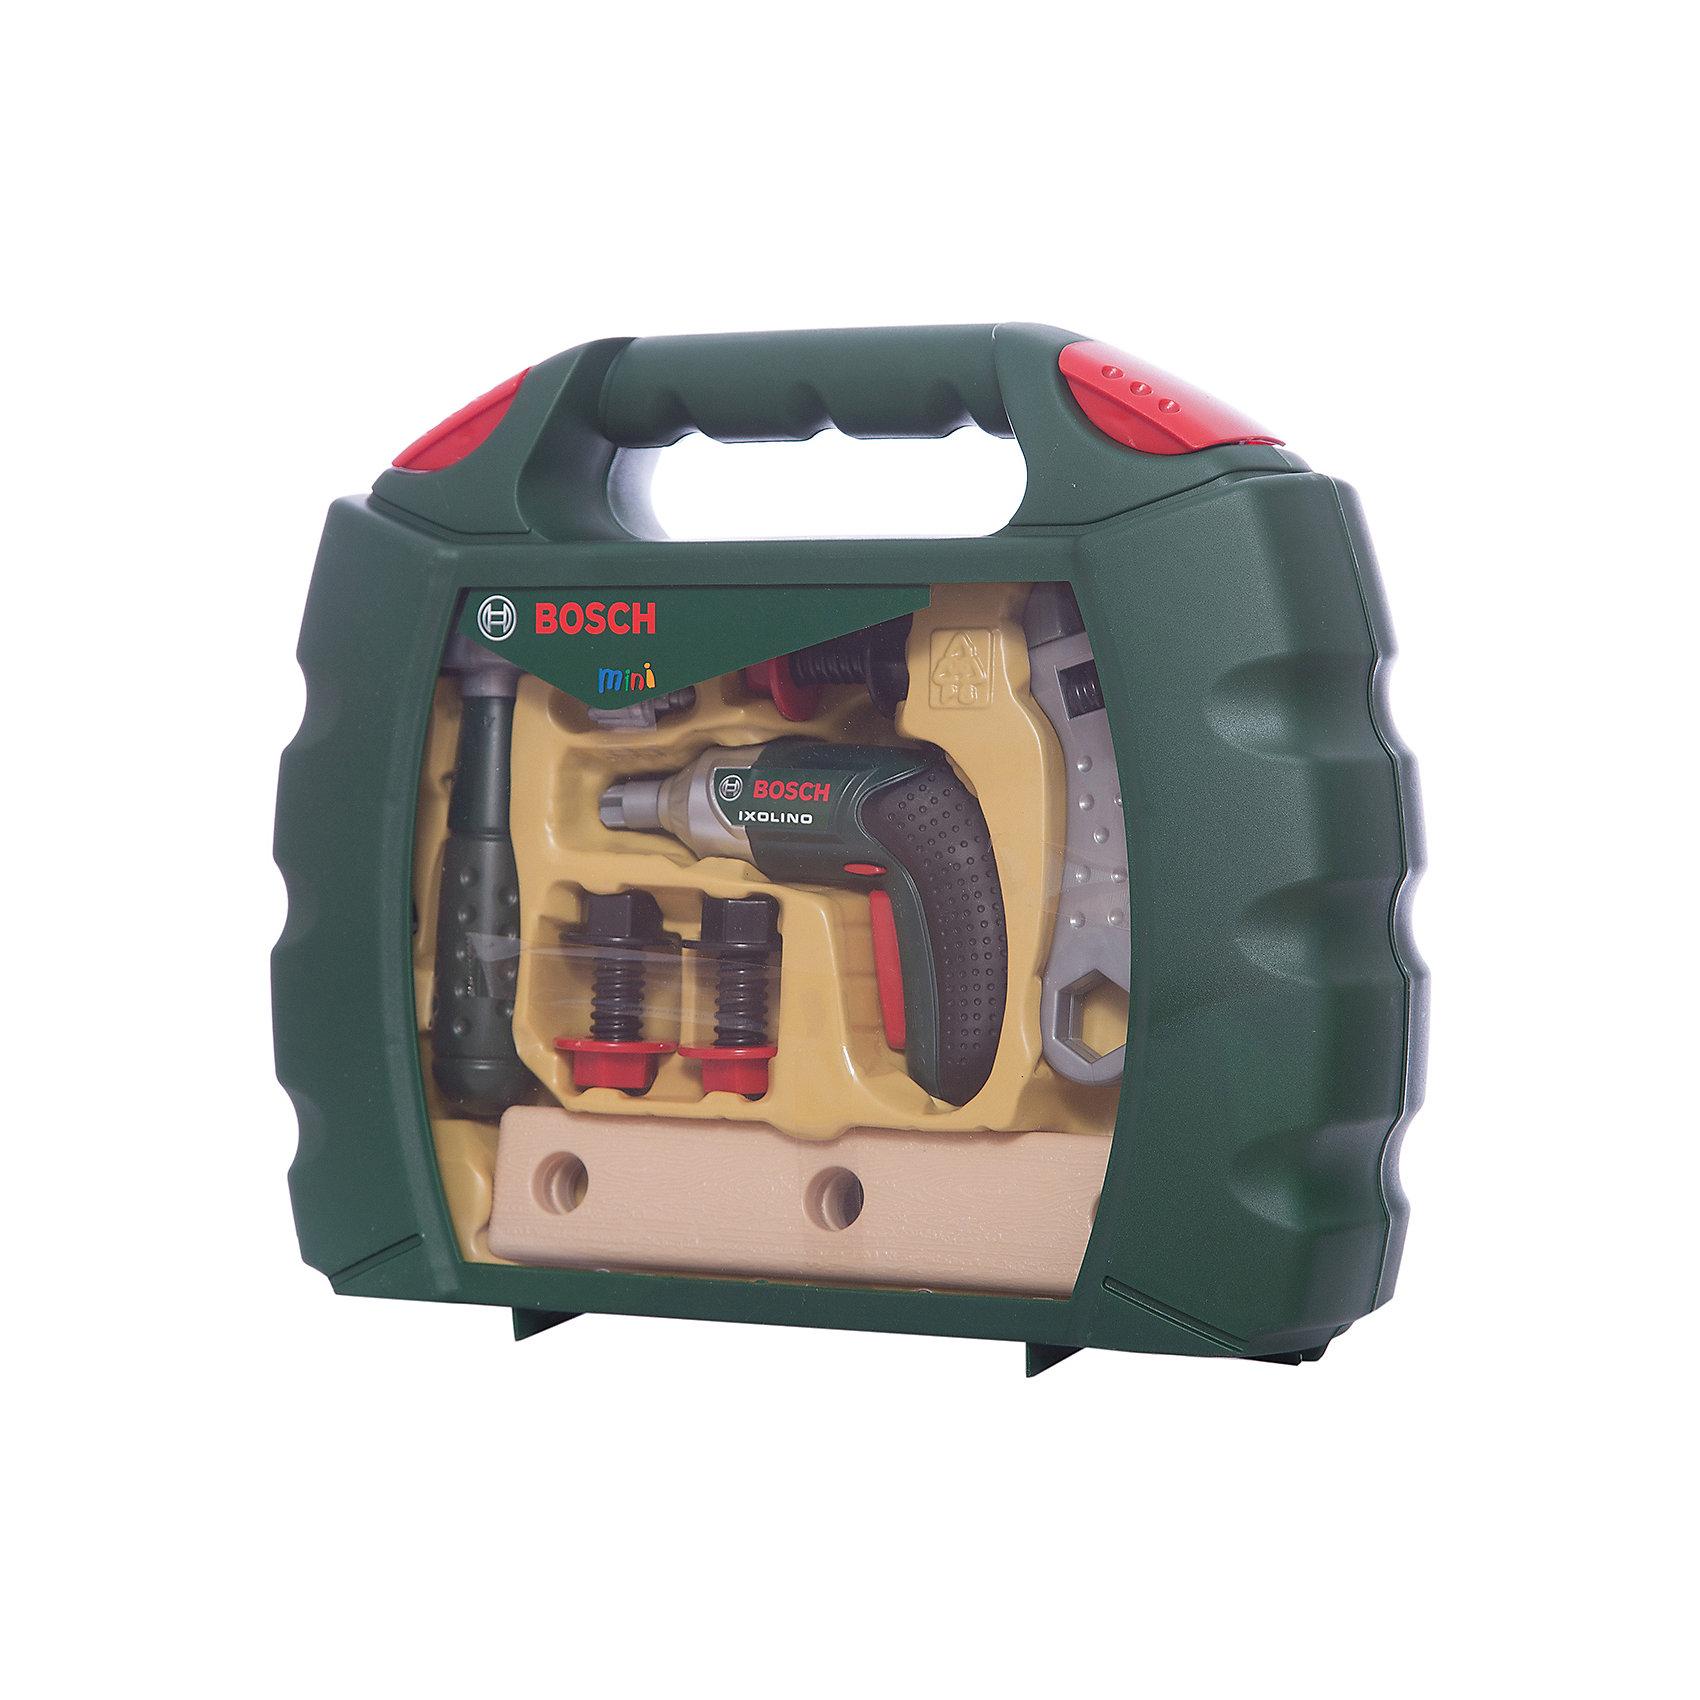 klein Набор инструментов Bosch, Klein набор bosch дрель аккумуляторная gsb 18 v ec 0 601 9e9 100 адаптер gaa 18v 24